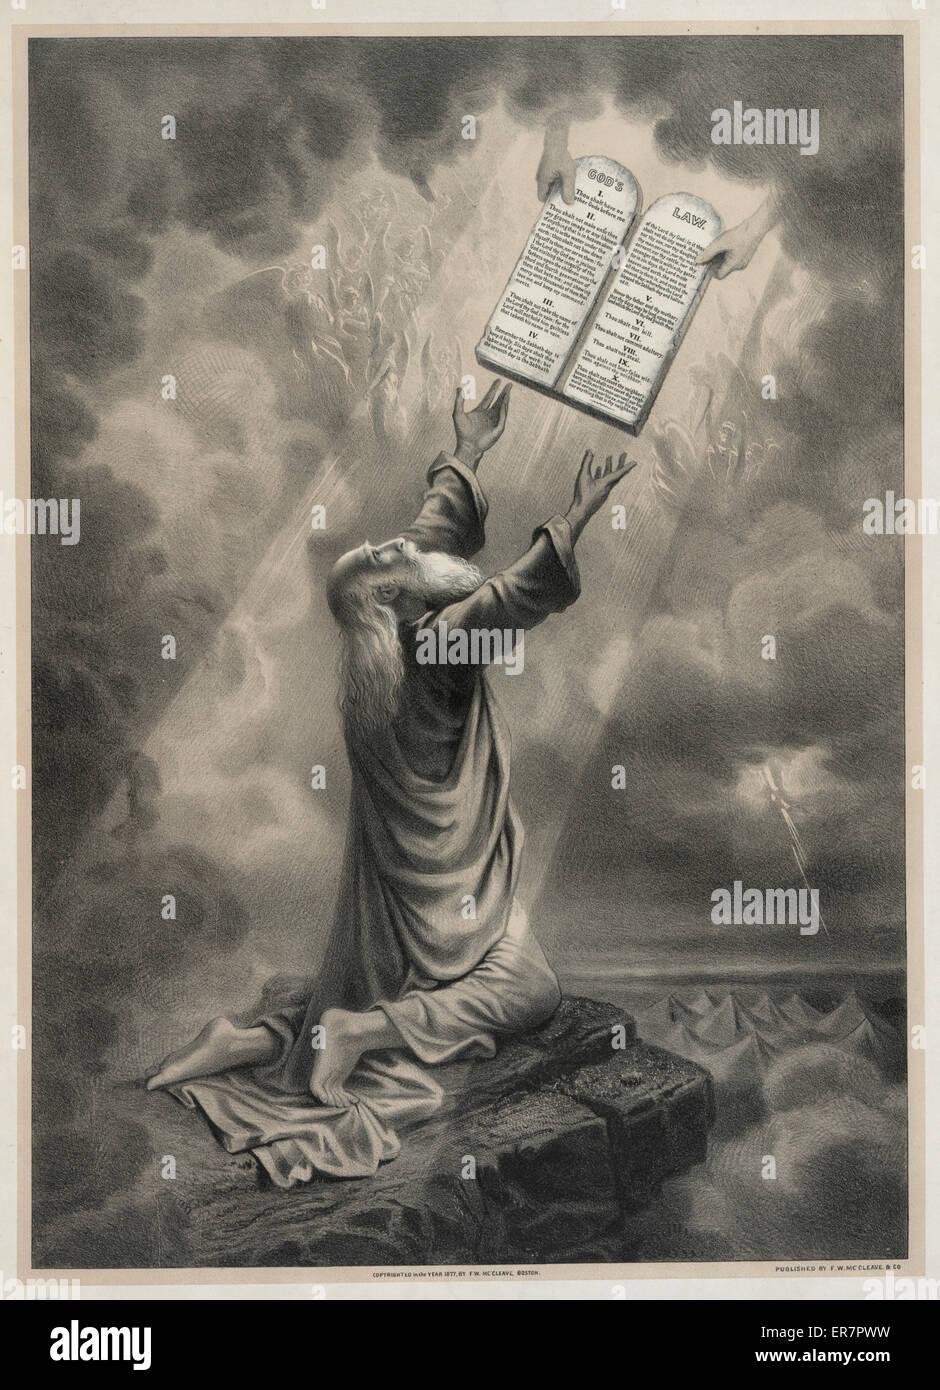 Moses Receiveing das Gesetz. Druck zeigt Moses kniend und erreichen nach oben, die Tabletten mit TheTen Gebote aus den Händen Gottes eingeschrieben zu akzeptieren. Engel im Himmel zu sehen. Datum c1877. Stockfoto